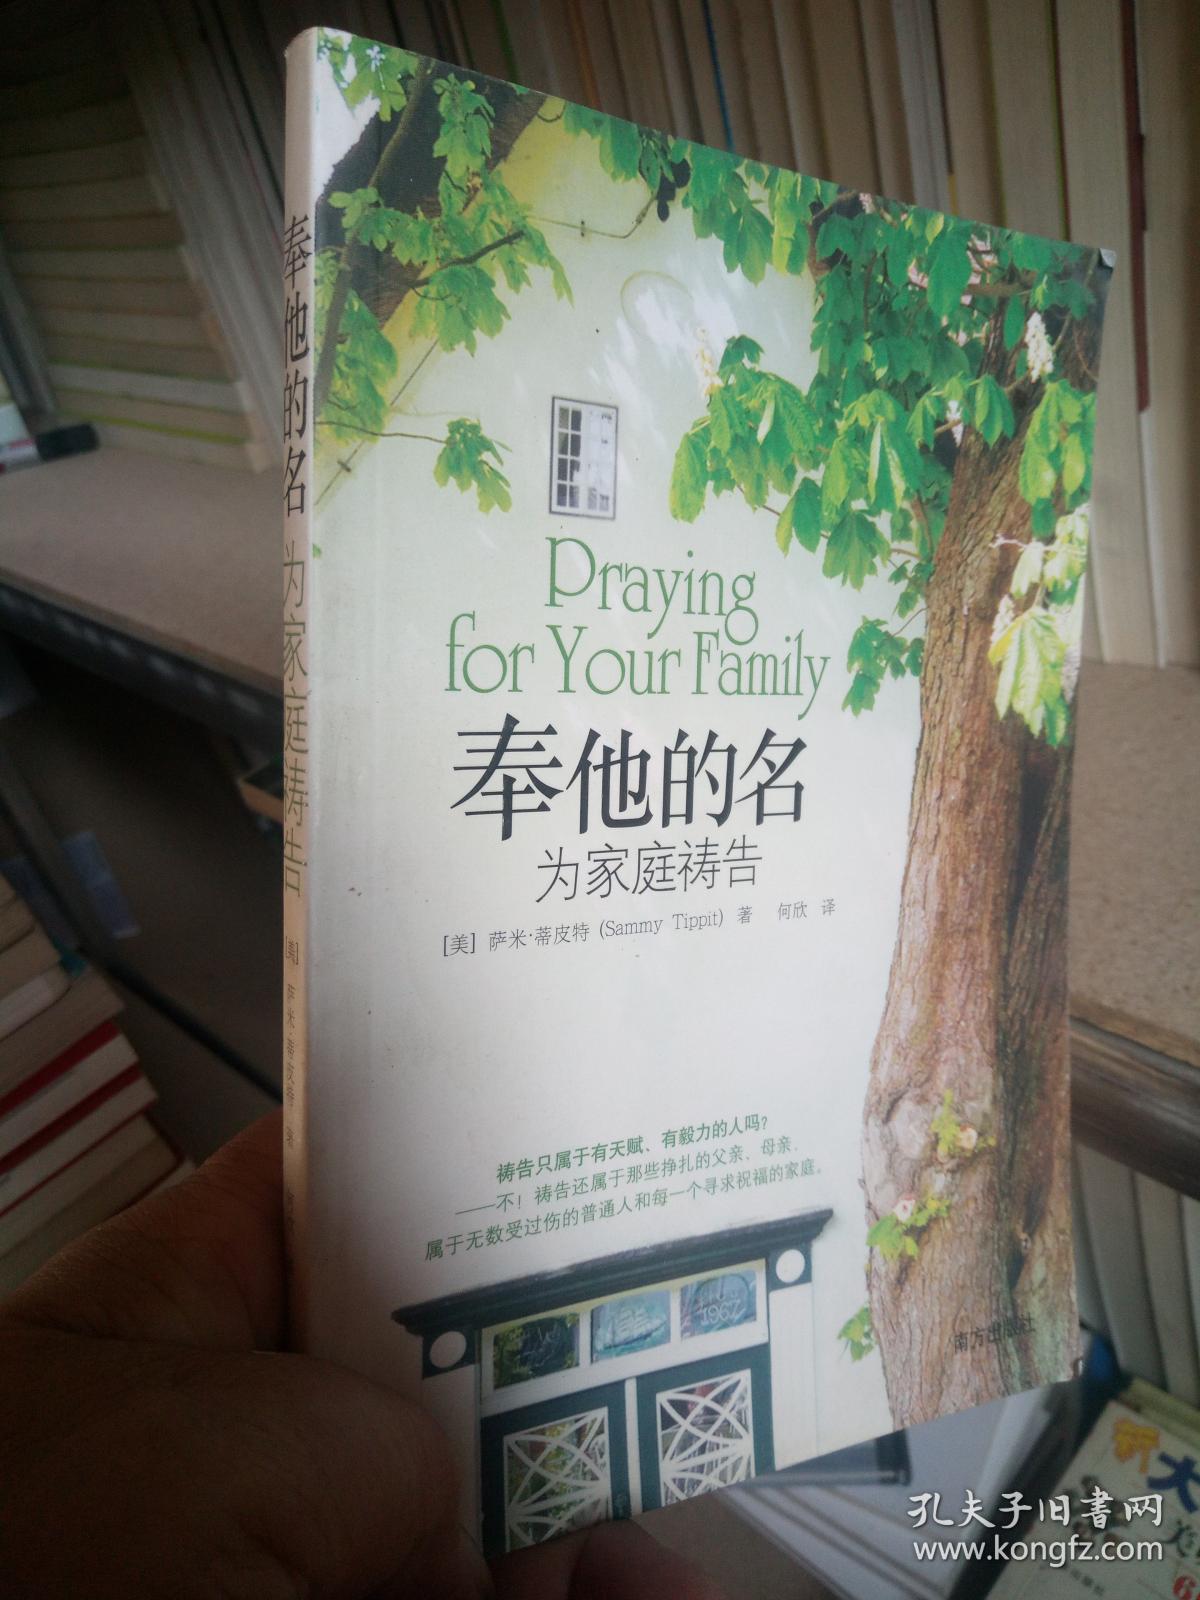 奉他的名:为家庭祷告